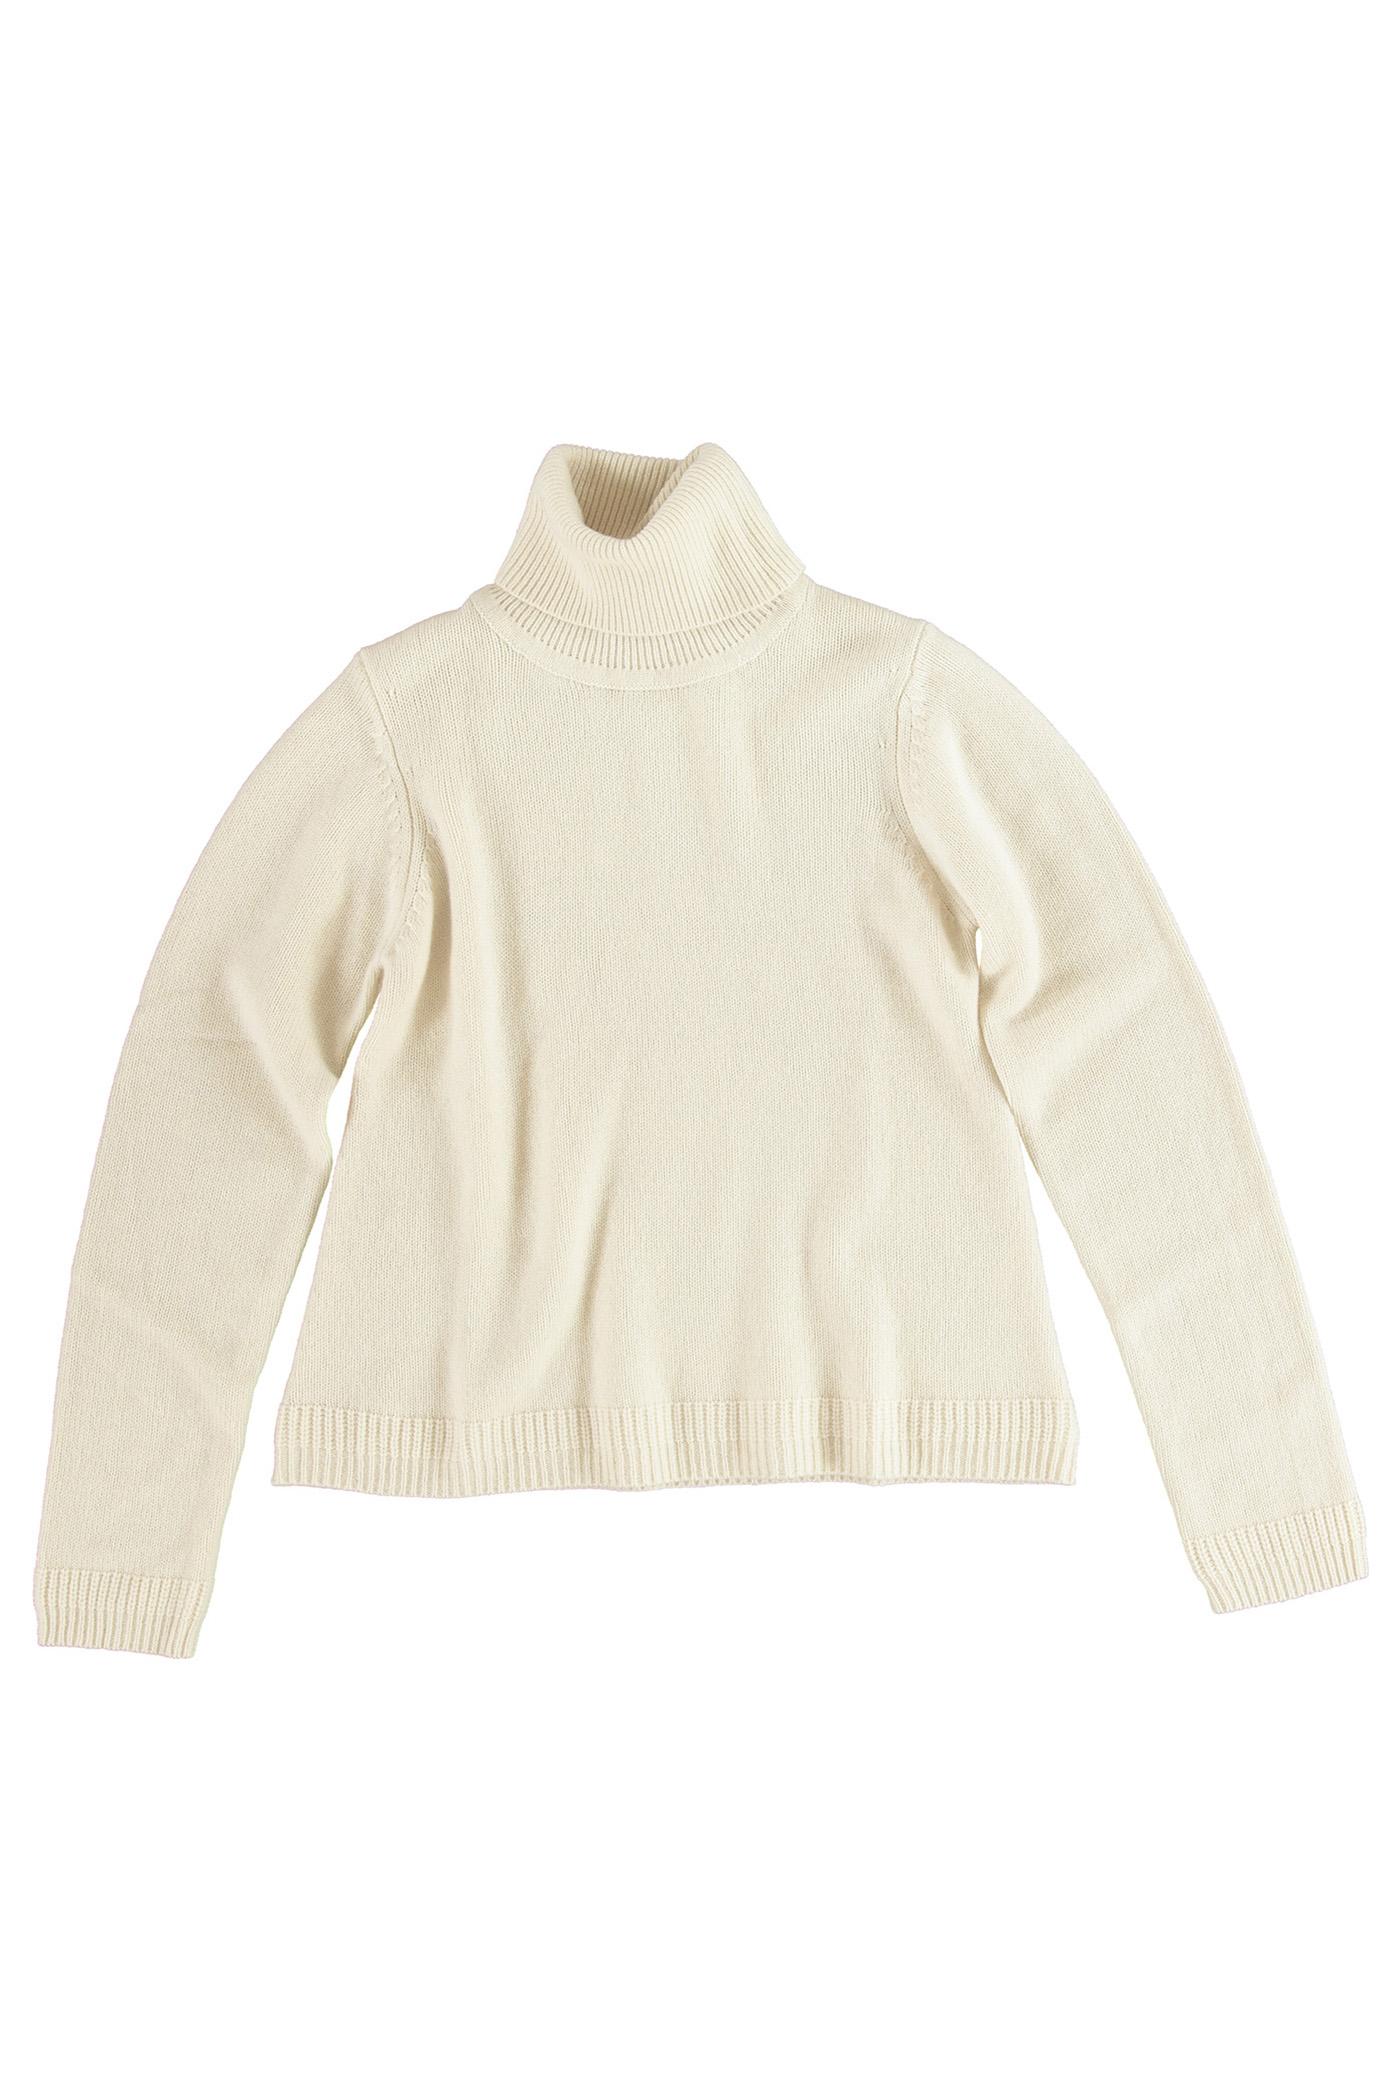 coco_amande_cavadesoi_knitwear